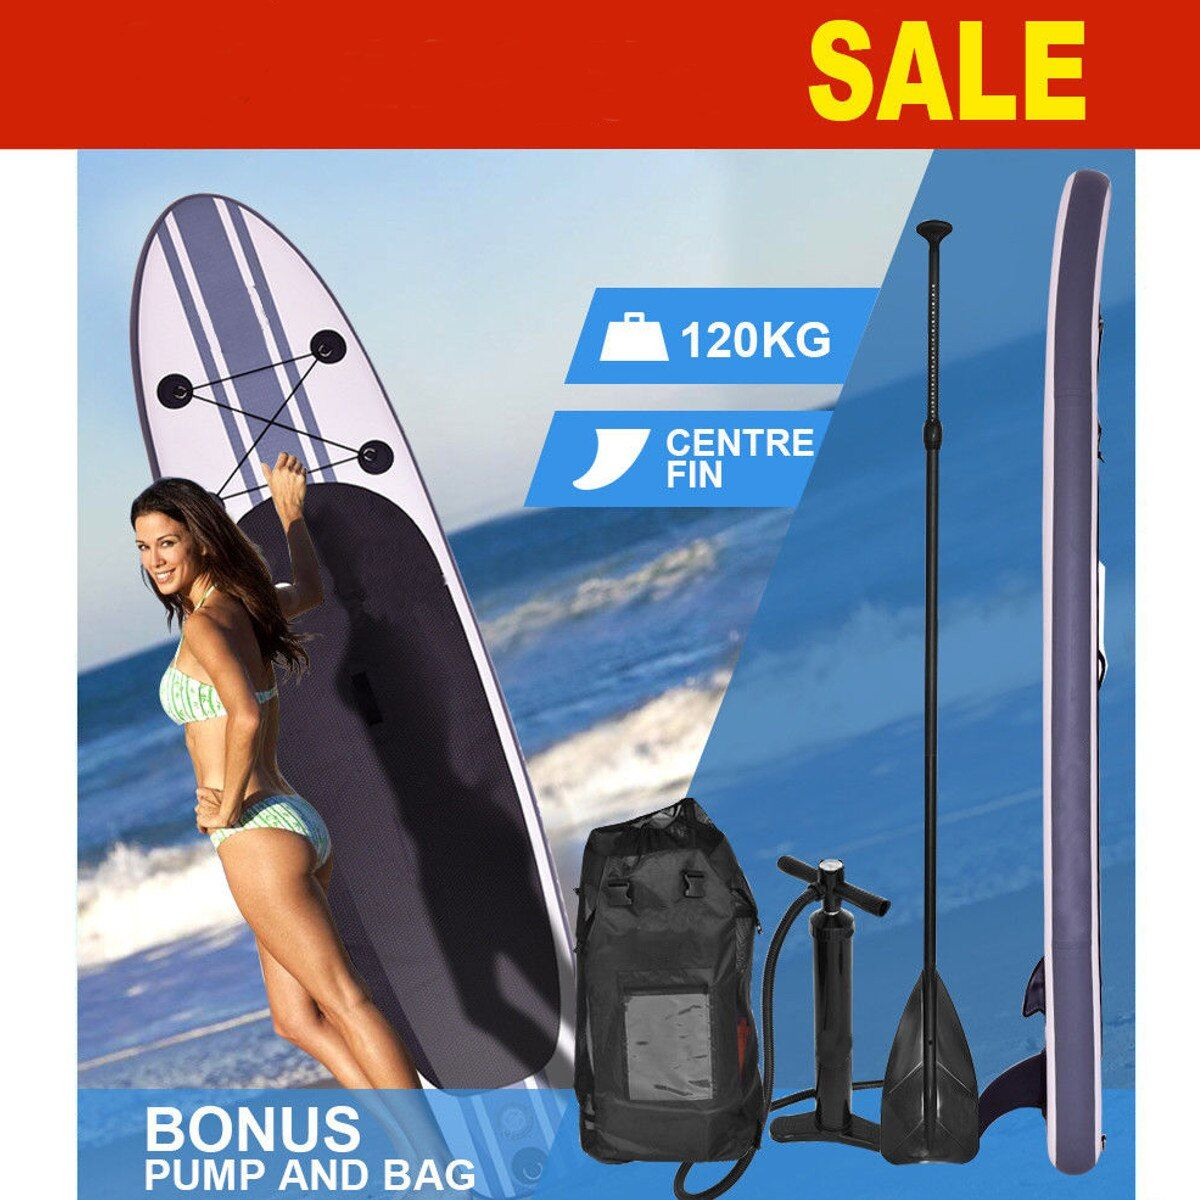 Gofun hergestellt 335*76*15 cm Stand Up Paddle Surfbrett Aufblasbare Bord SUP Set Welle Reiter + Pumpe aufblasbare surf board paddel boot